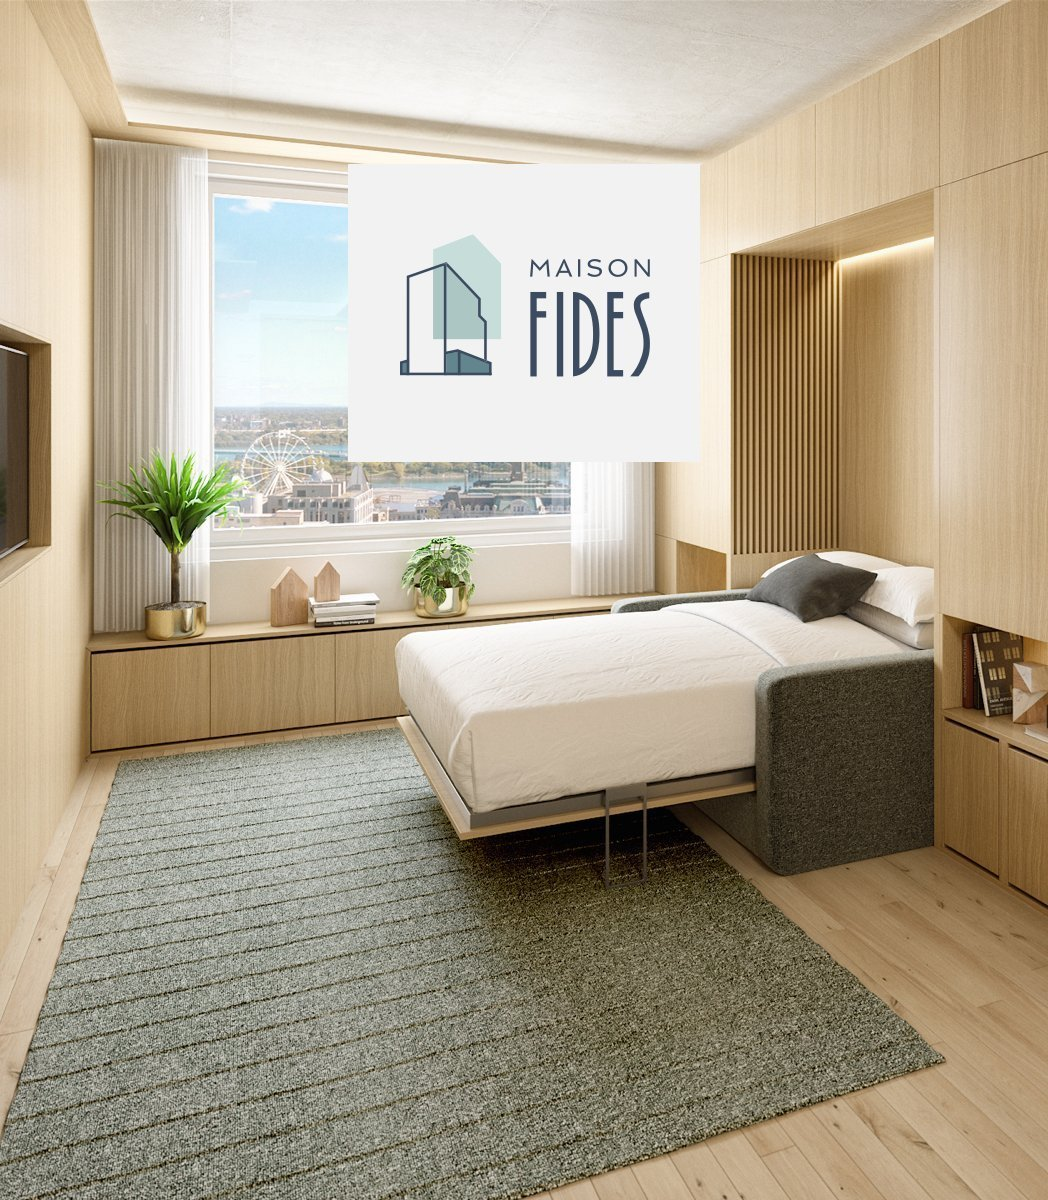 maison fides condo bedroom